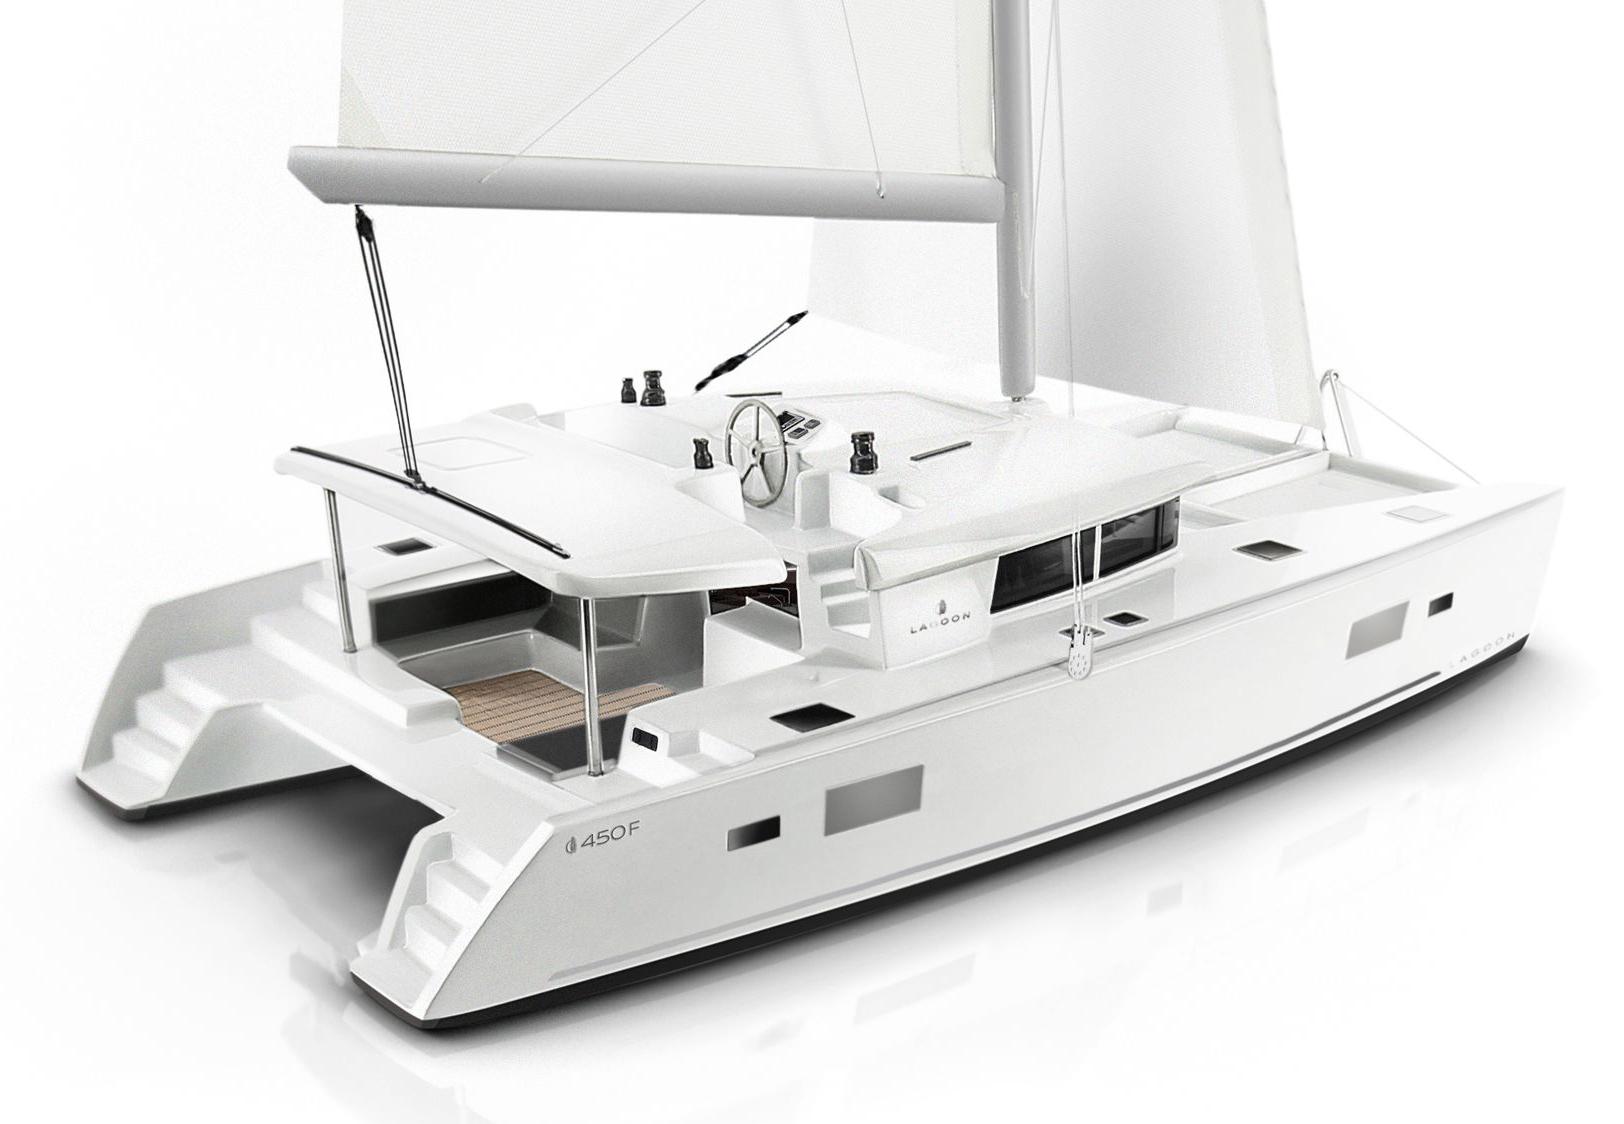 Avgerinos sailing, Lagoon 450F